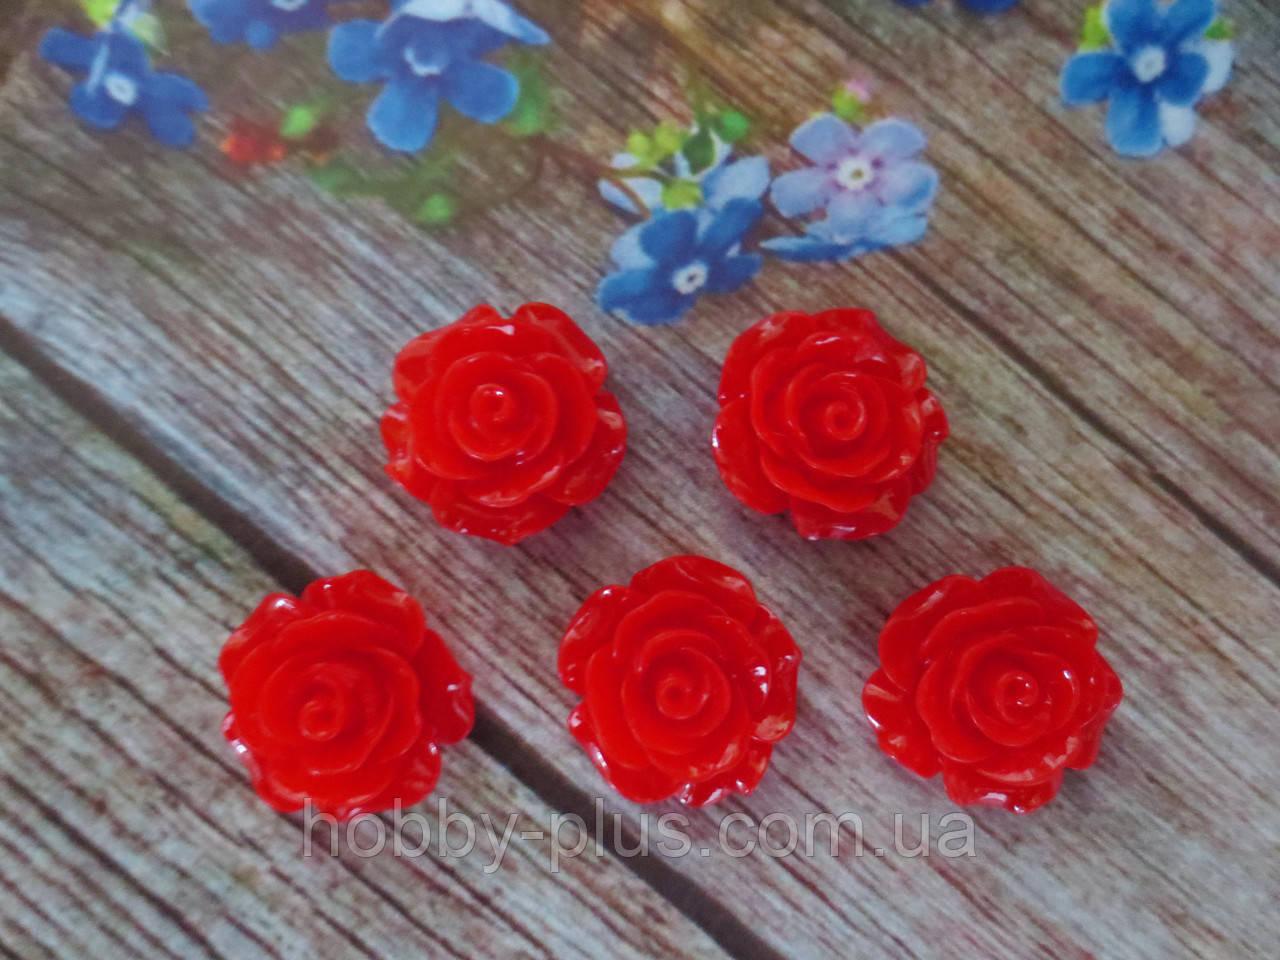 """Серединка акриловая """"Роза лаковая"""", 20 мм, цвет красный, 1 шт."""